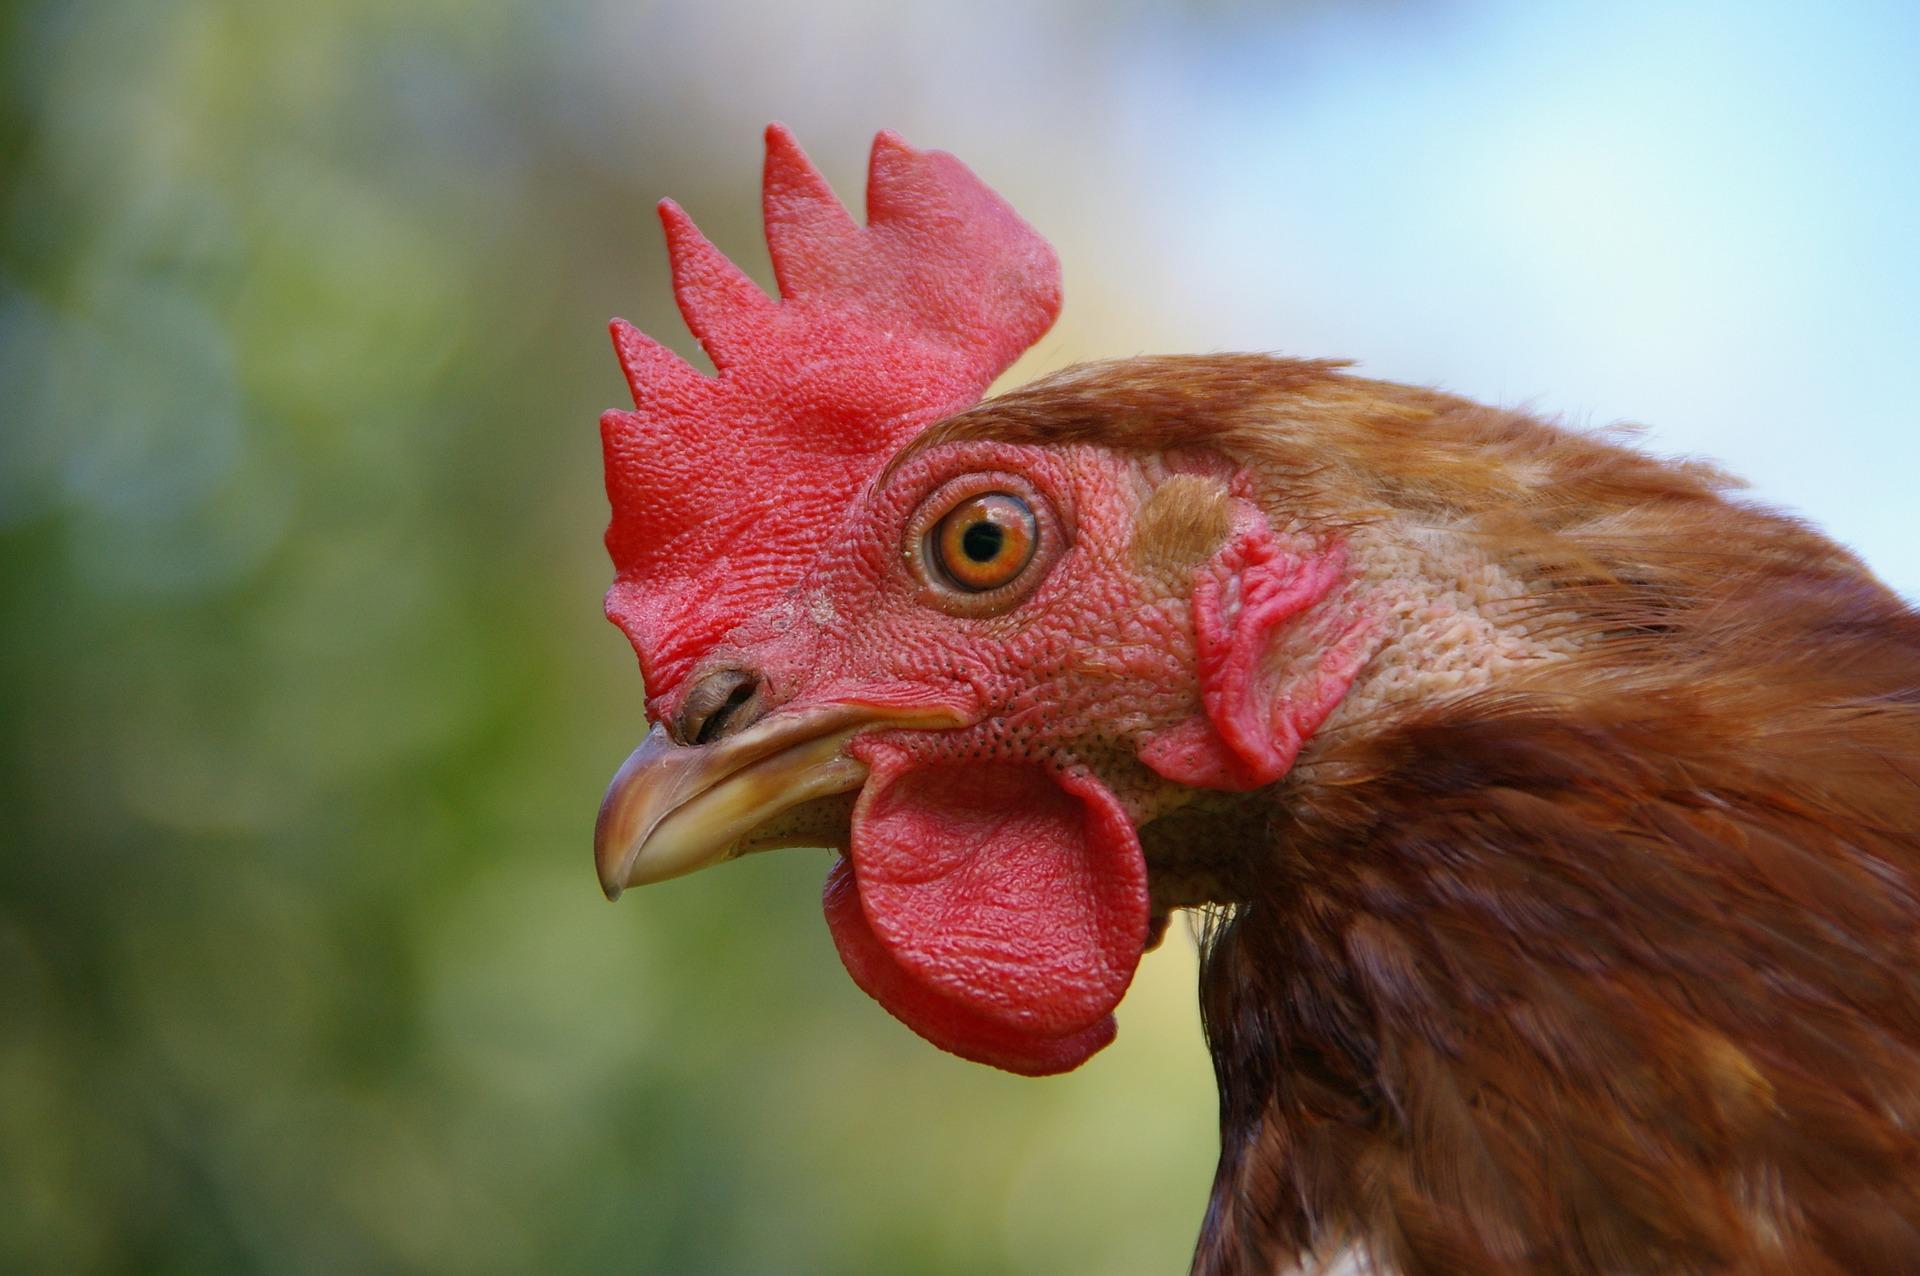 Pourquoi la poule a-t-elle traversé la route ? Histoire d'un mème